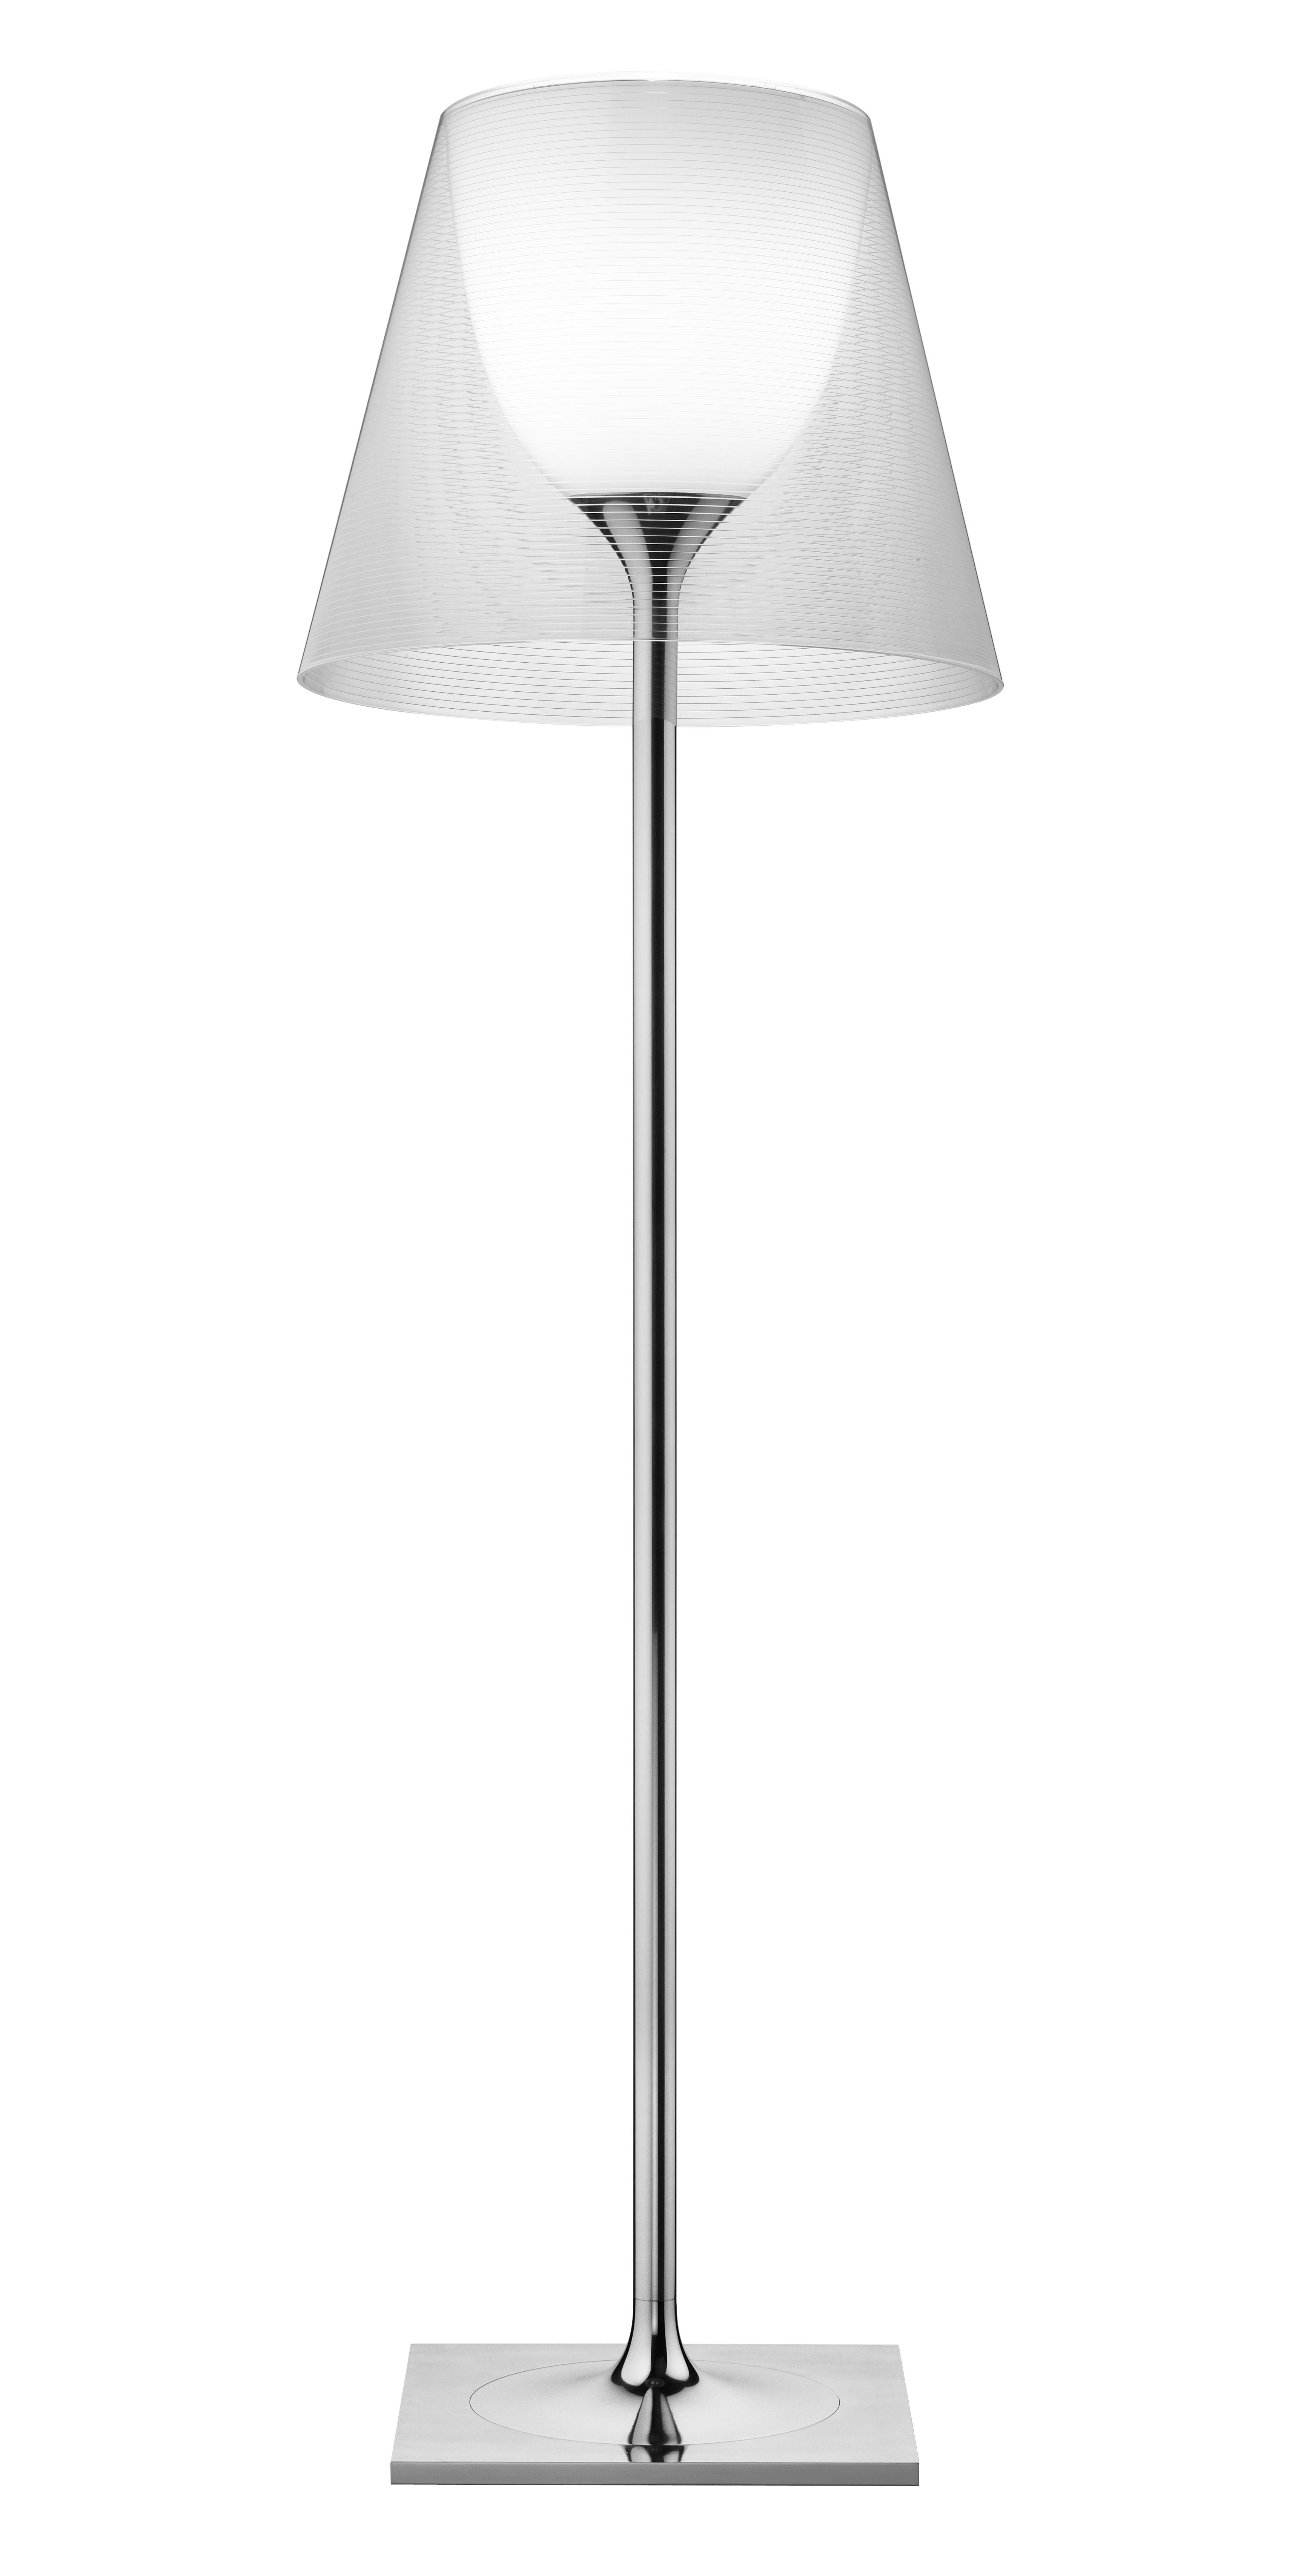 Leuchten - Stehleuchten - K Tribe F3 Stehleuchte H 183 cm - Flos - Transparent - PMMA, poliertes Aluminium